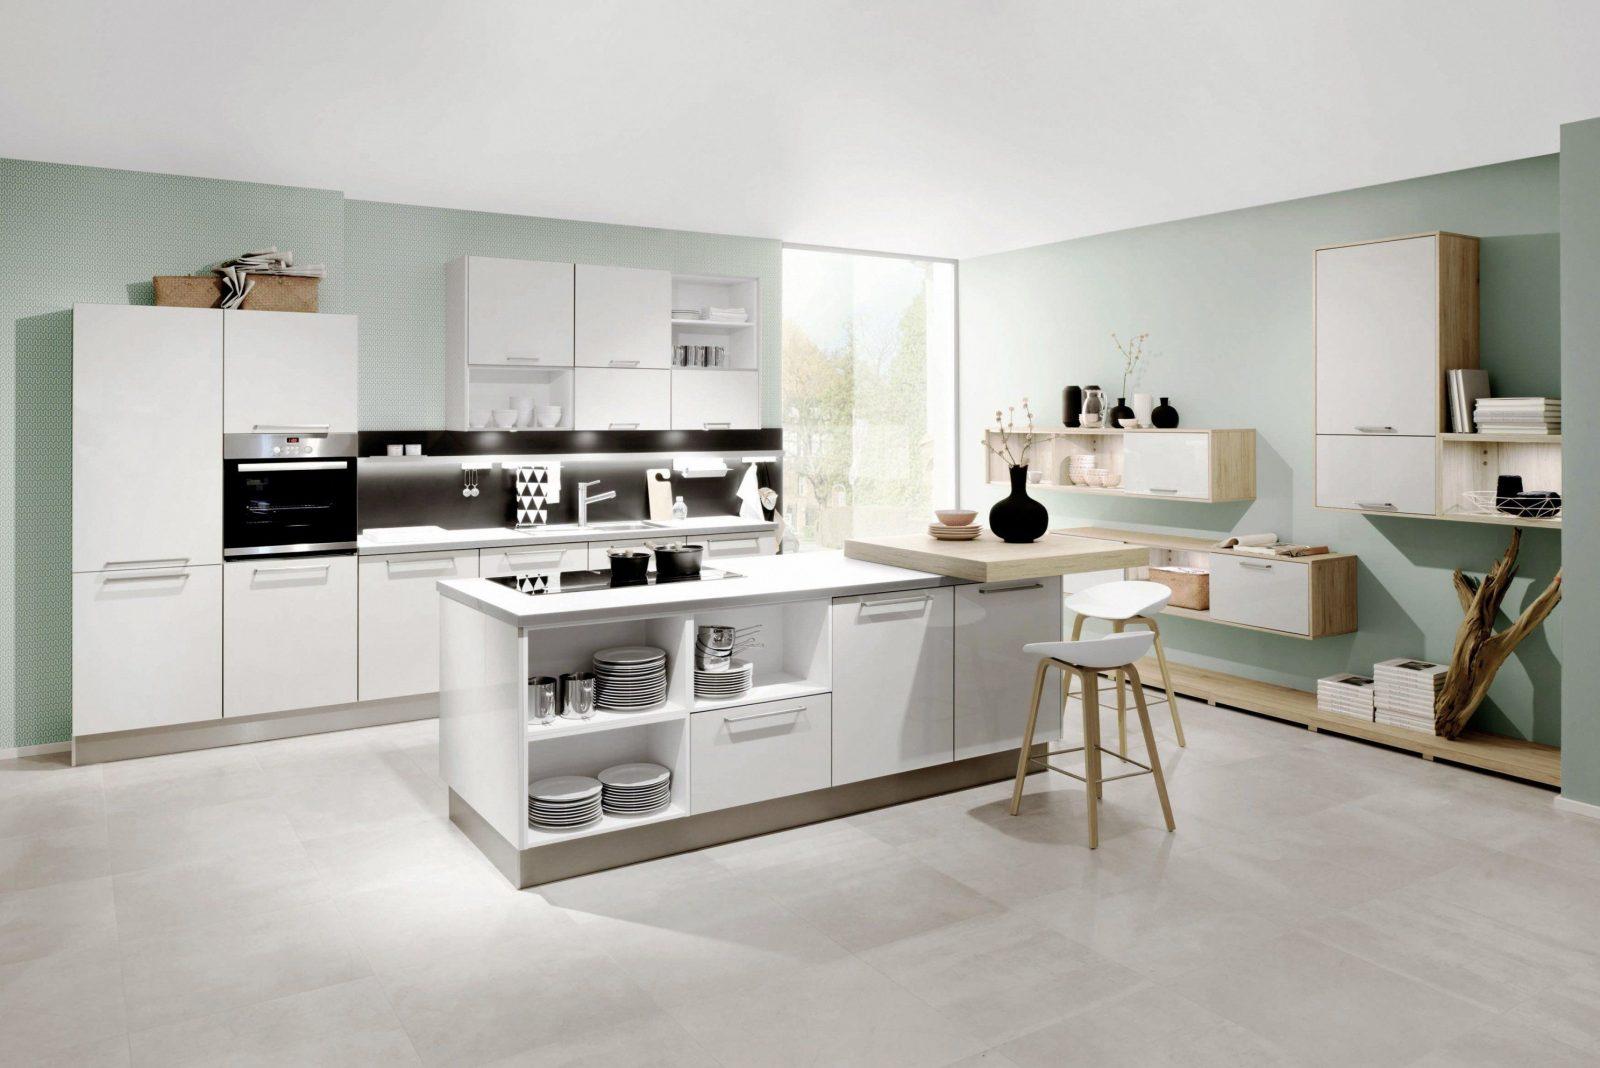 Einzigartig Kochinsel Mit Sitzgelegenheit Design von Küche Mit Kochinsel Und Sitzgelegenheit Photo